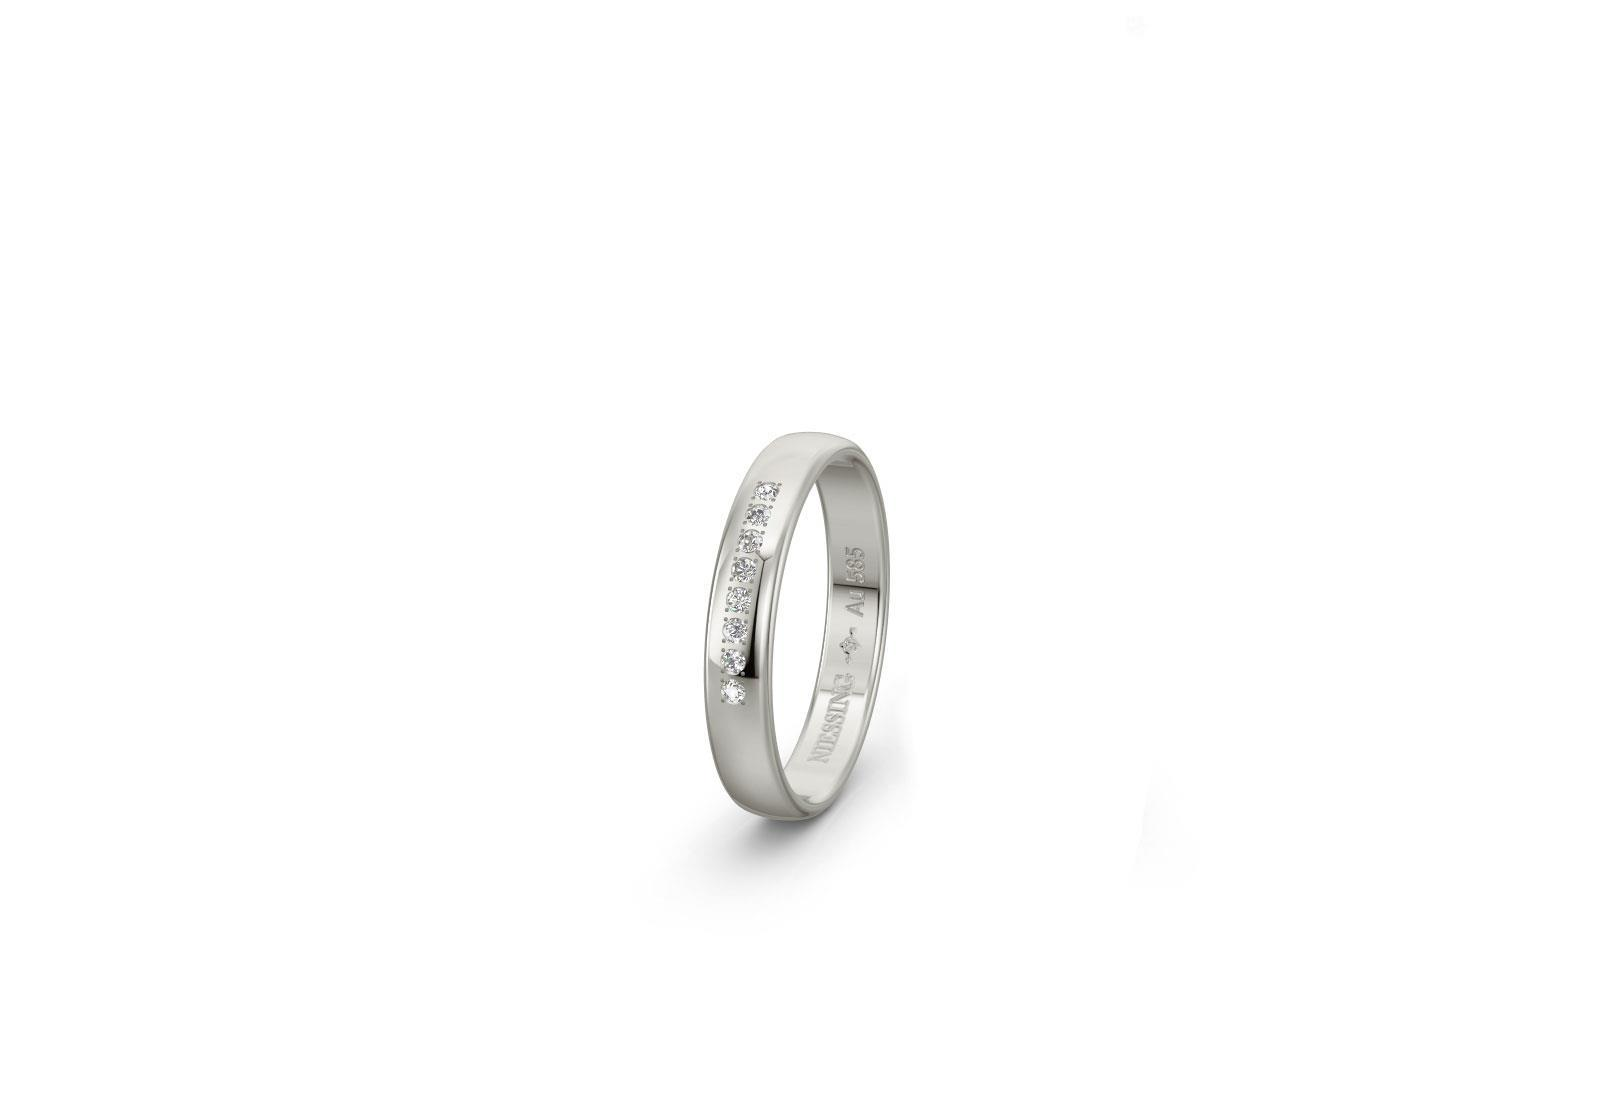 Ring 14ct Weißgold - Niessing - N131296S-1810101008